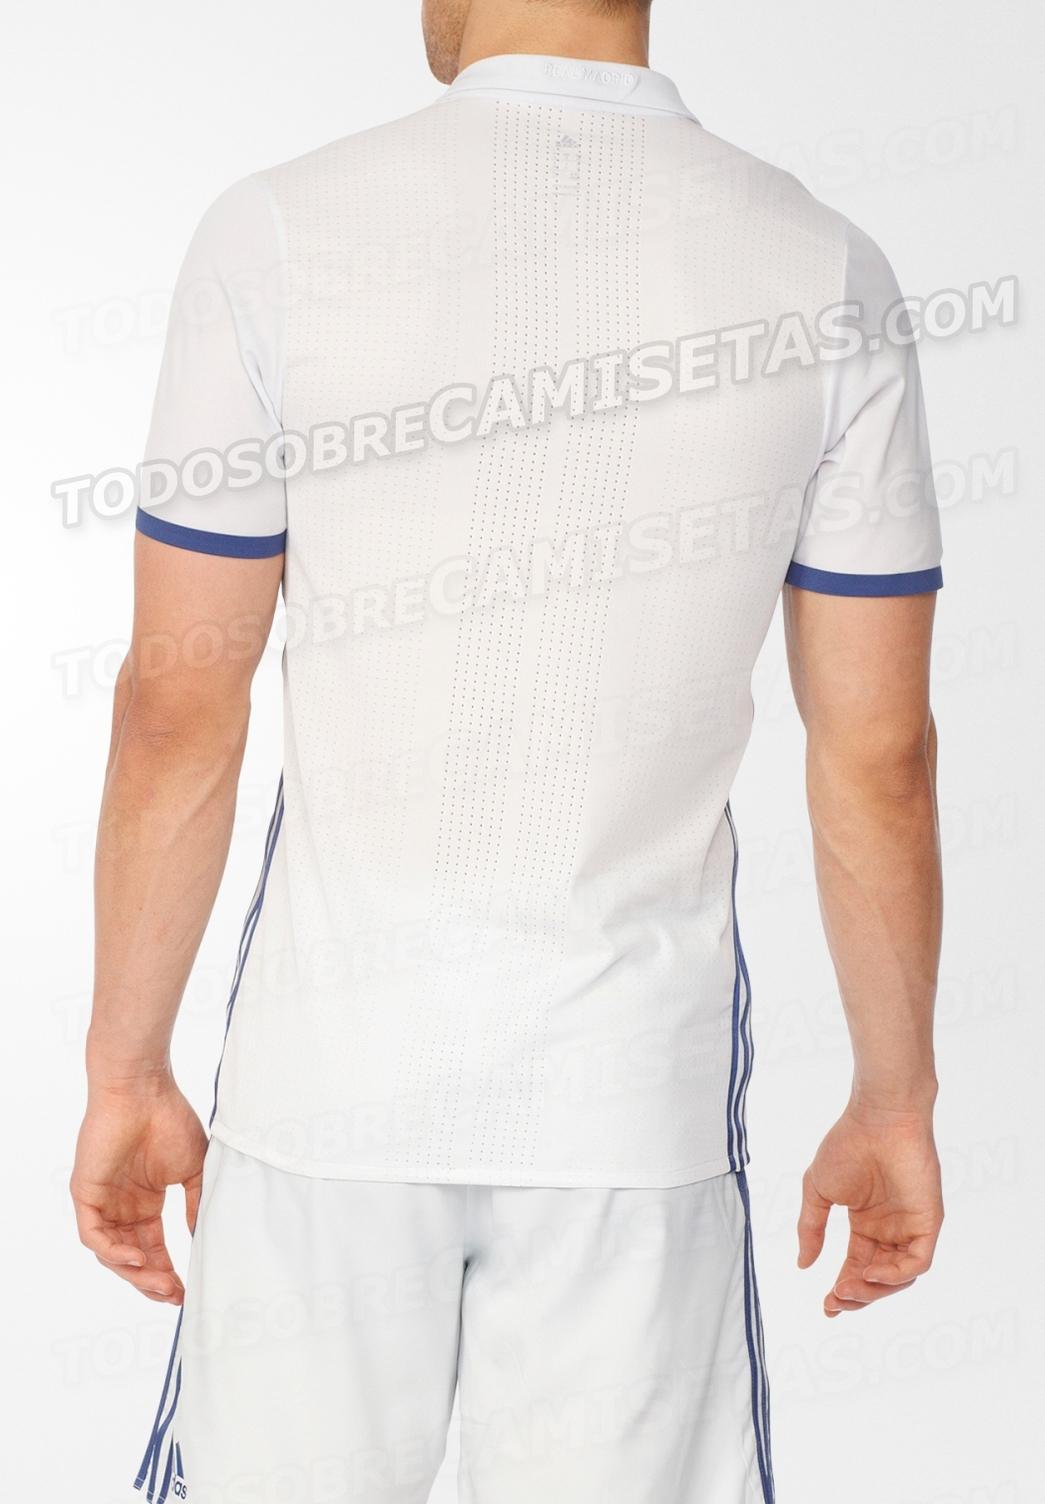 Real-Madrid-16-17-adidas-new-home-kit-leaked-10.jpg